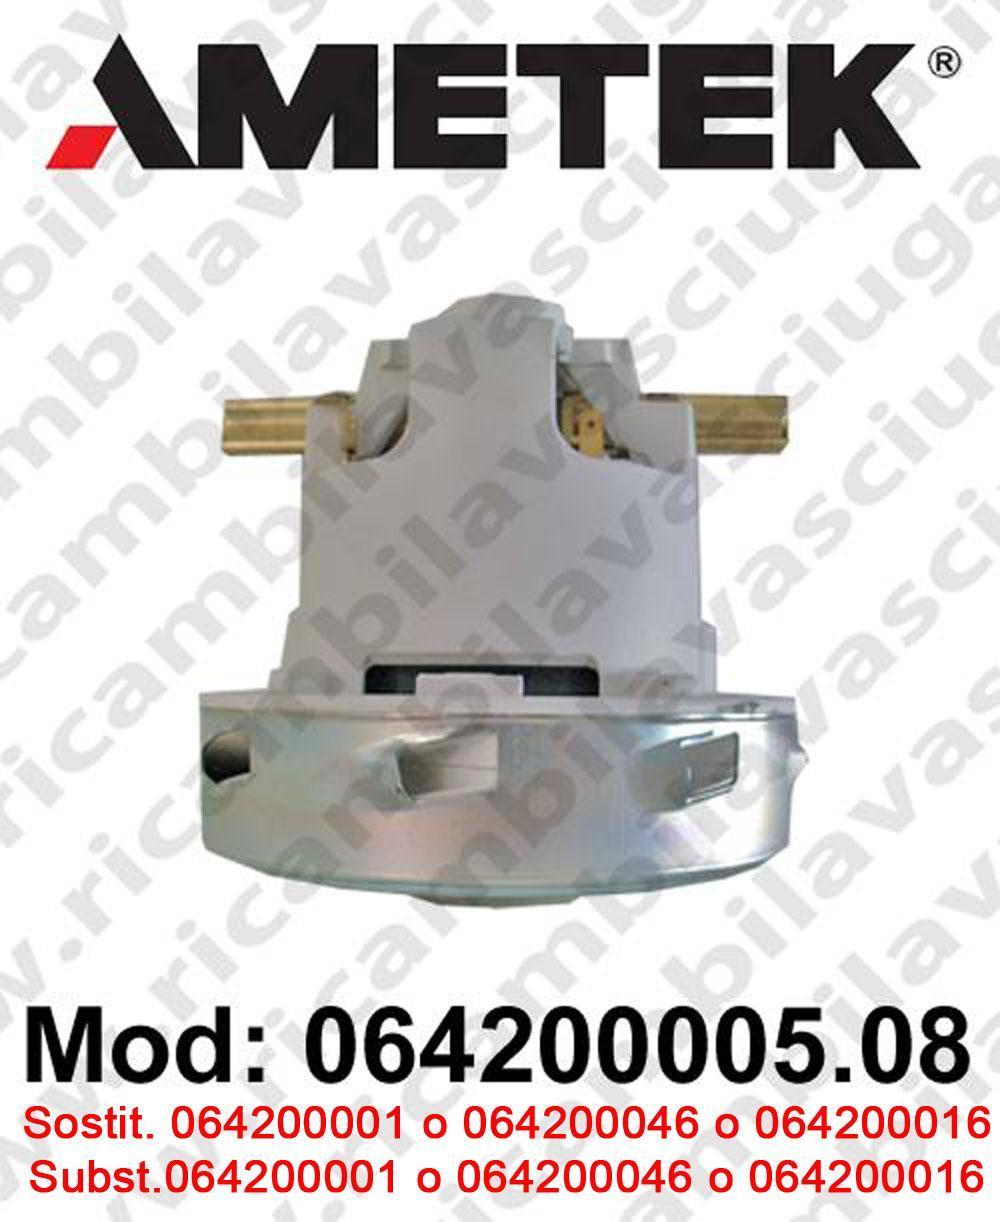 064200005.08 Saugmotor AMETEK für scheuersaugmaschinen und Staubsauger ersetzen 064200001 o 064200016 o 064200046